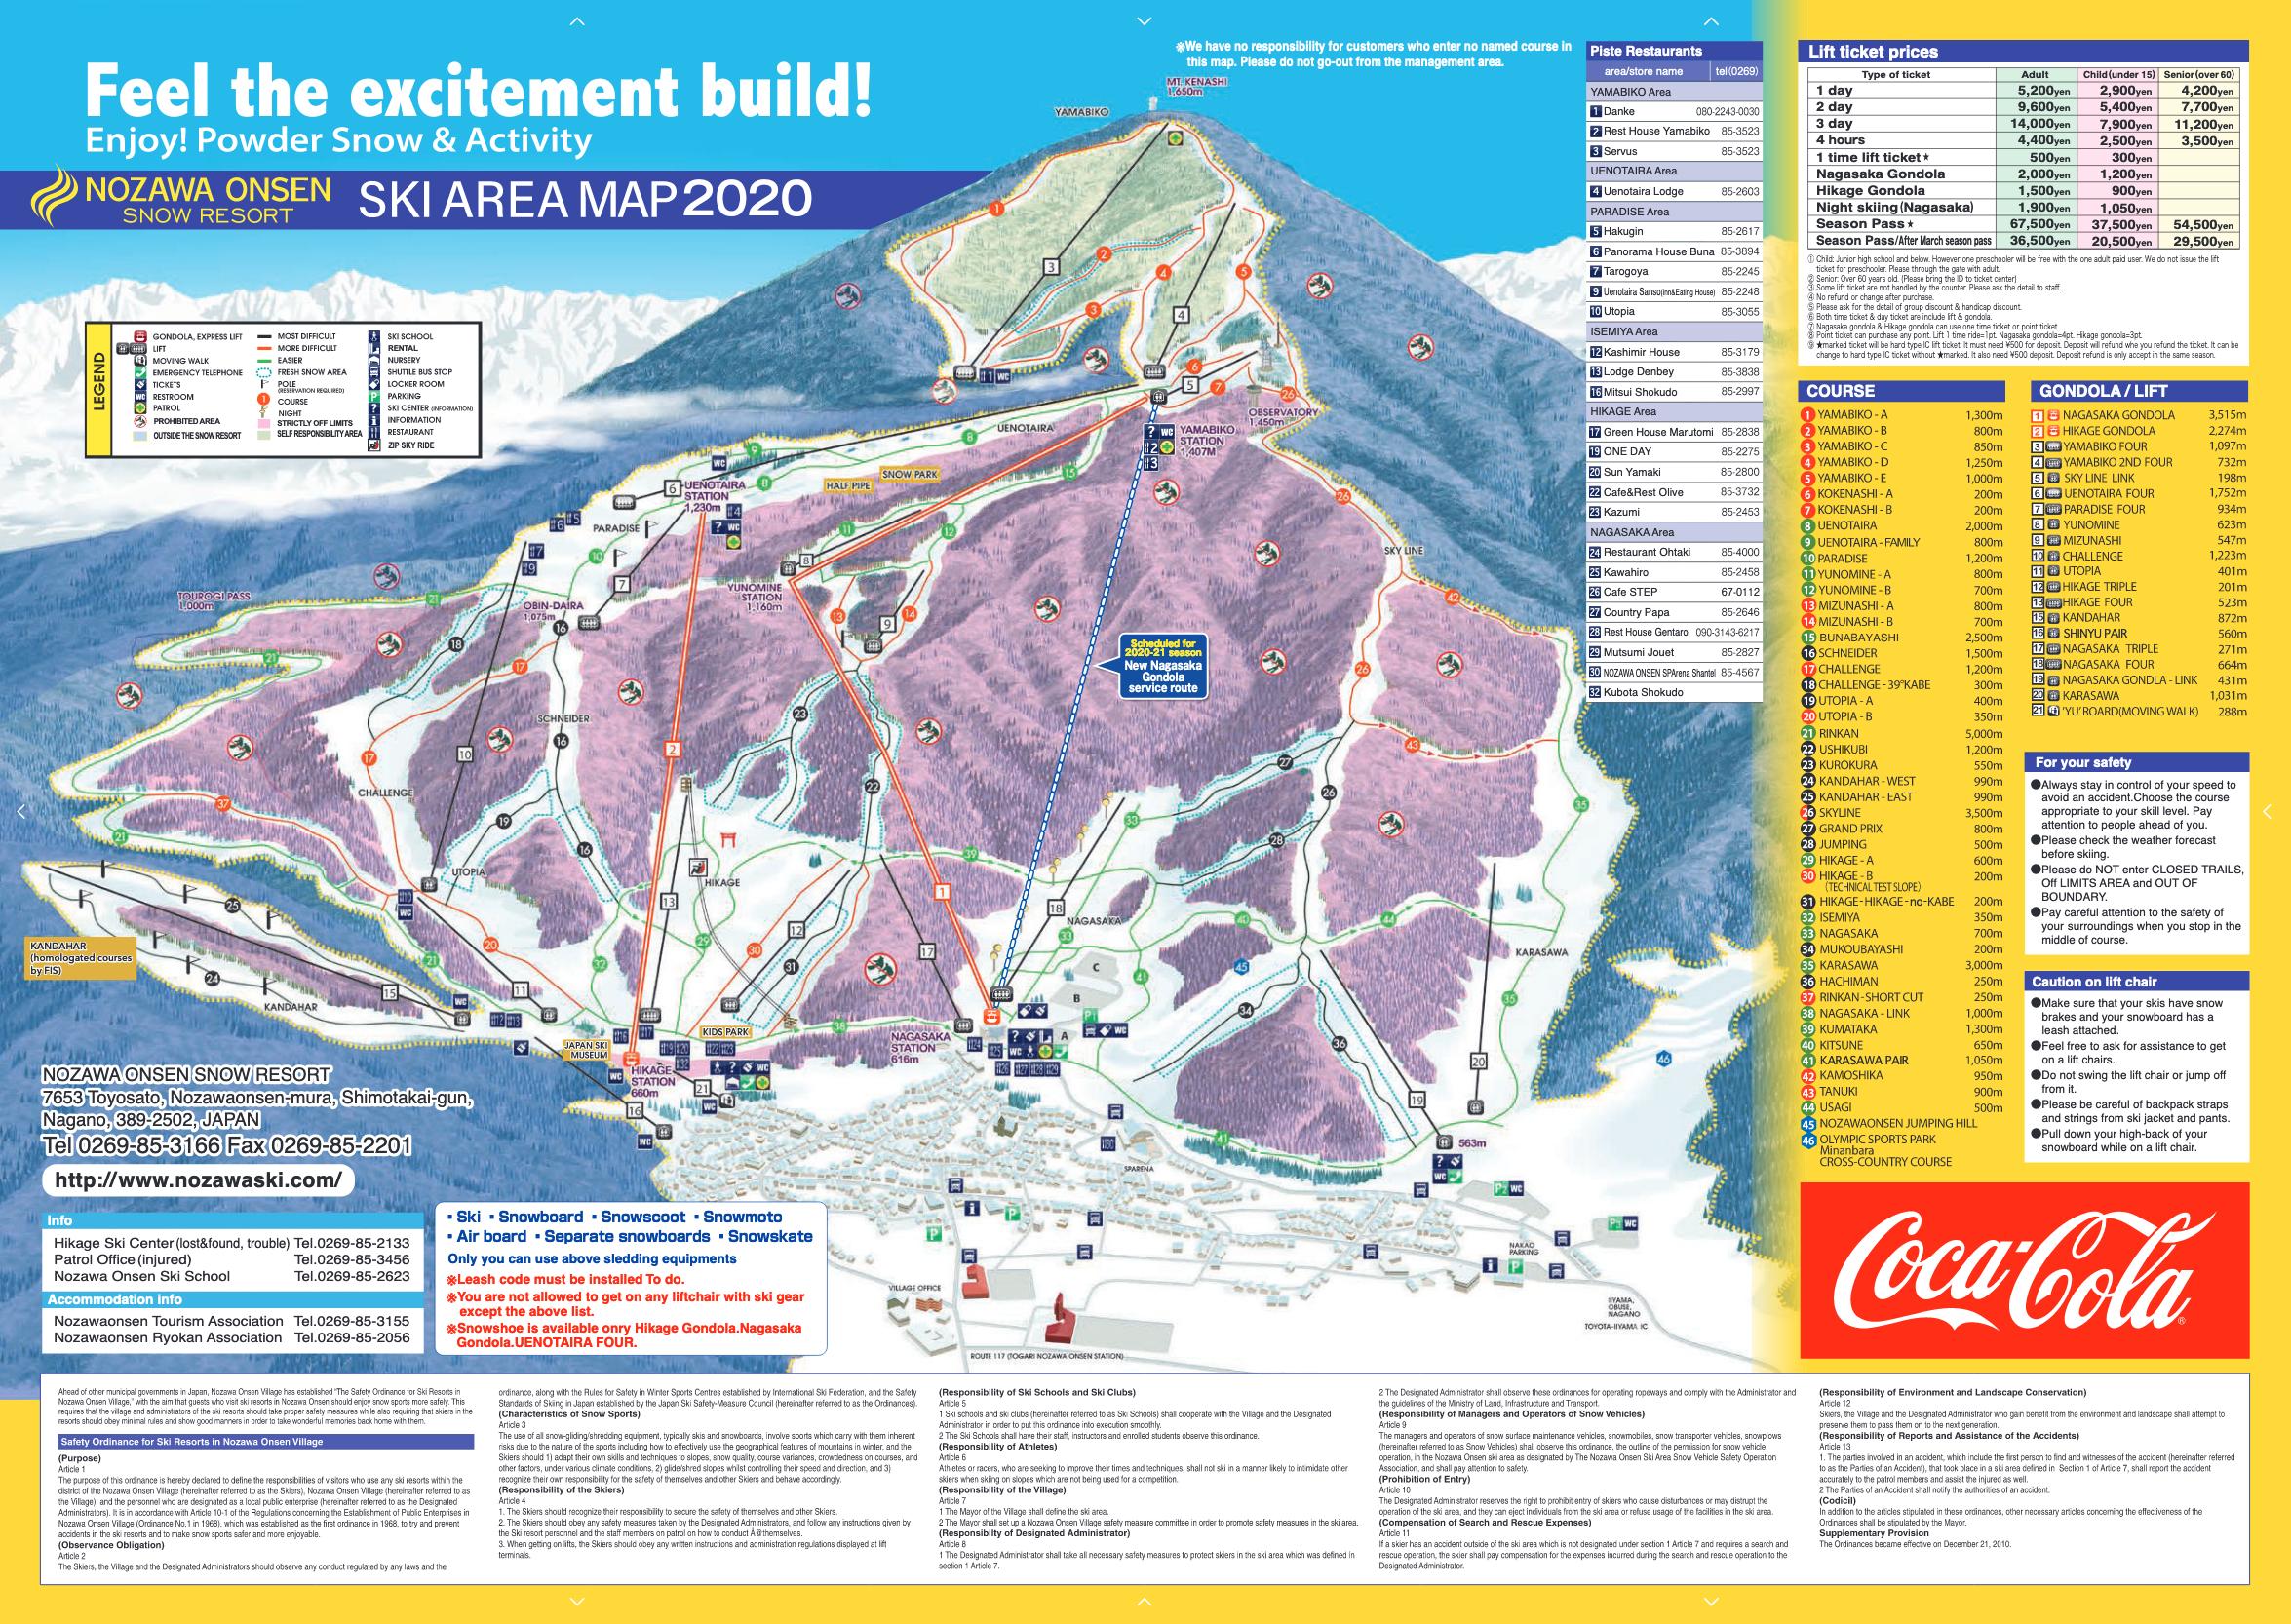 nozawa-onsen-trail-map